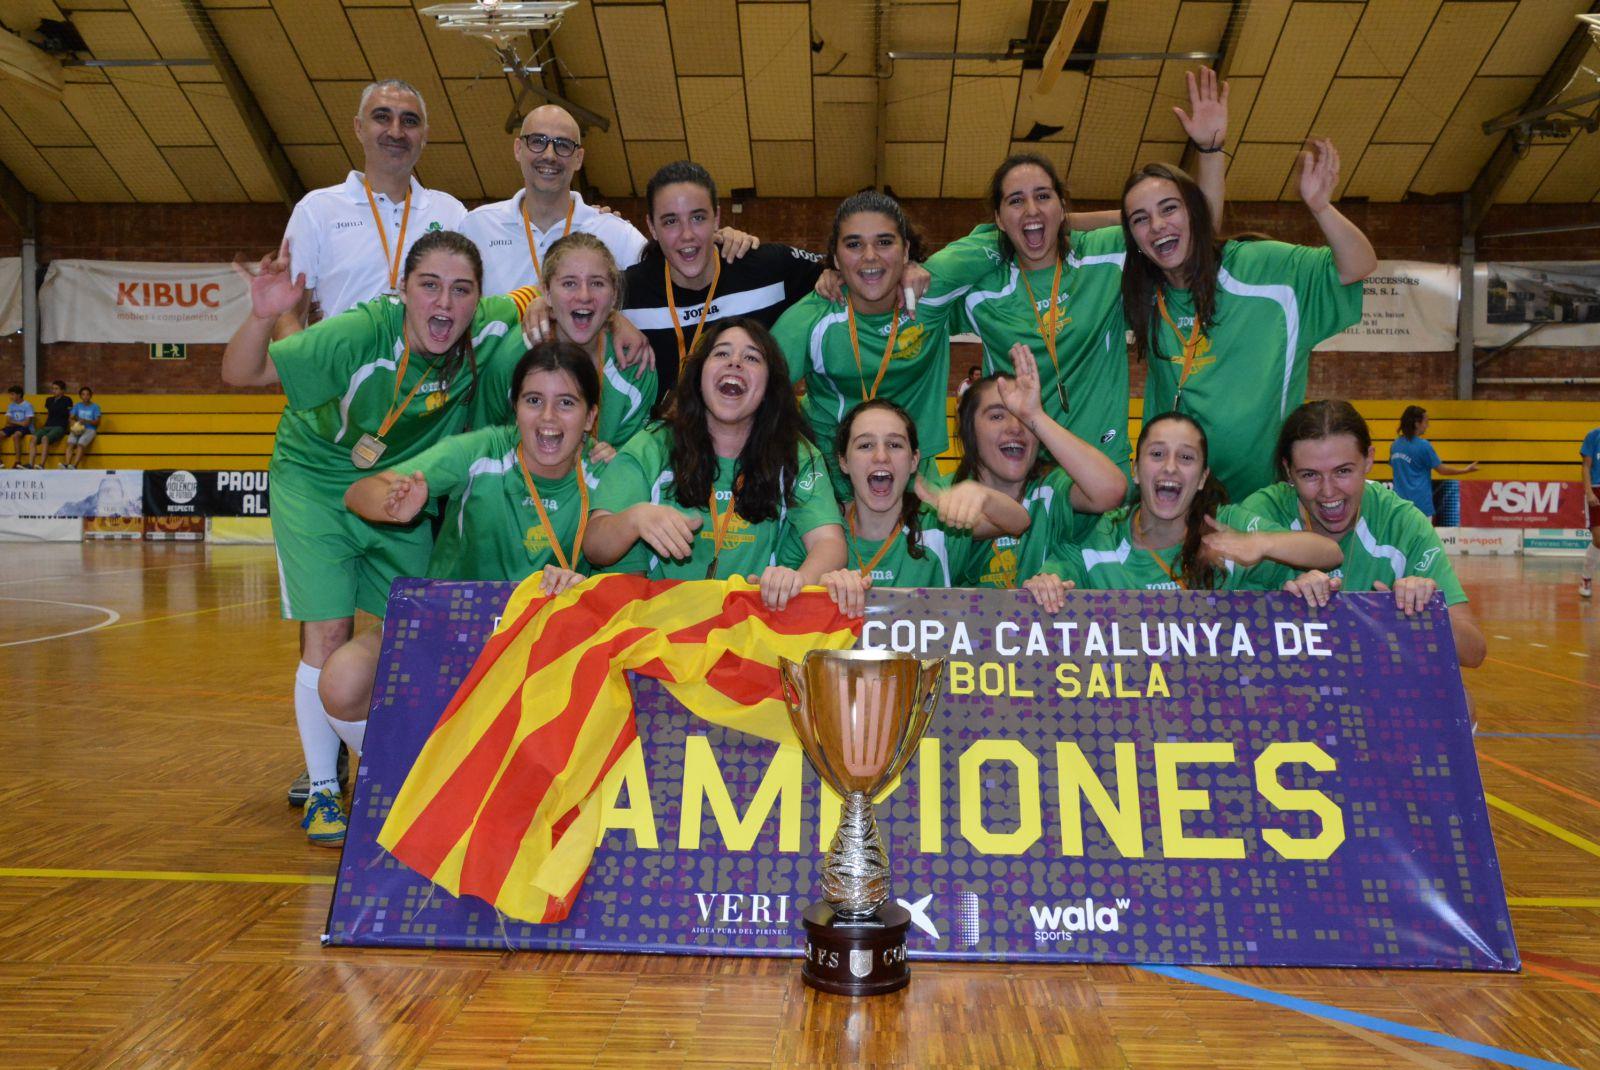 De Proclama Mataró Les I Futsal Campiona Copa Es S'imposa Corts Al PIz016